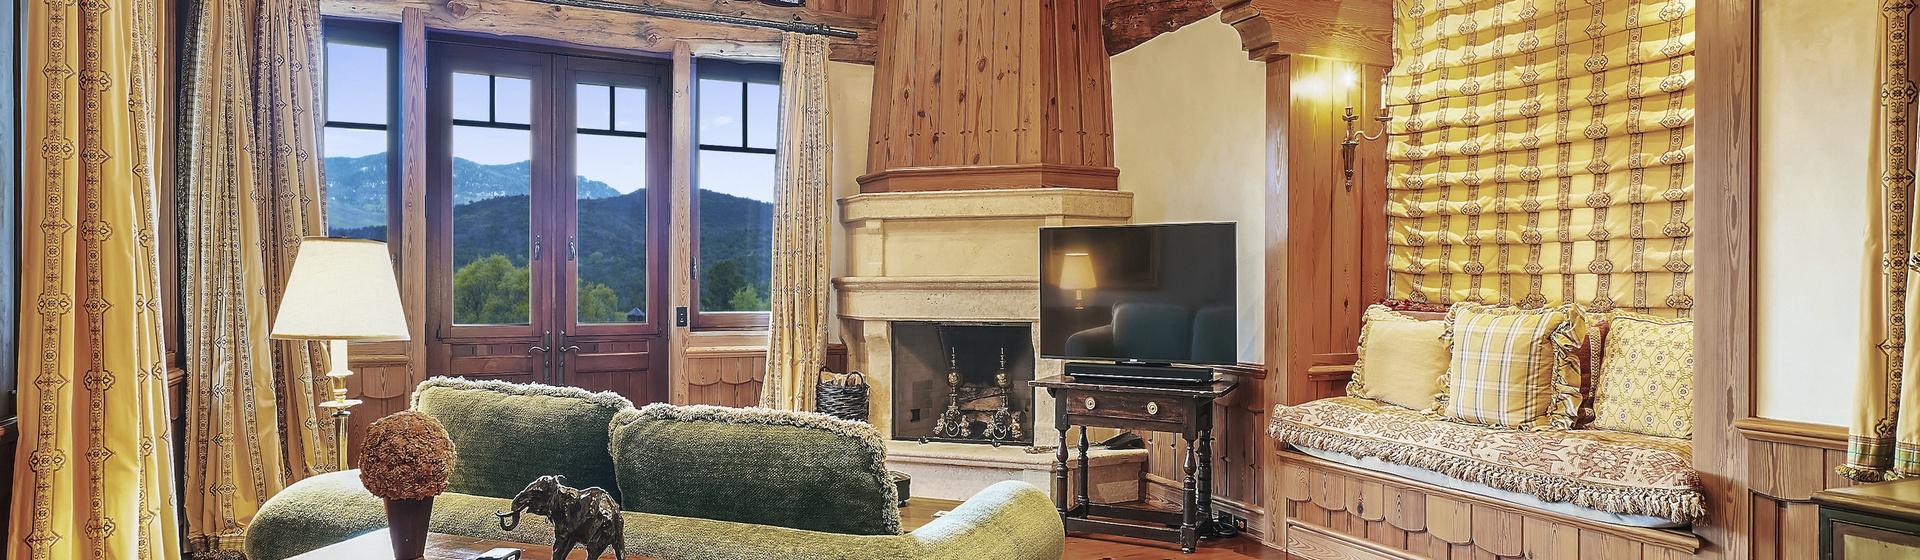 9.1-Telluride-Sleeping-Indian-Ranch-Swiss-Suite-Sitting-Room-web.JPG